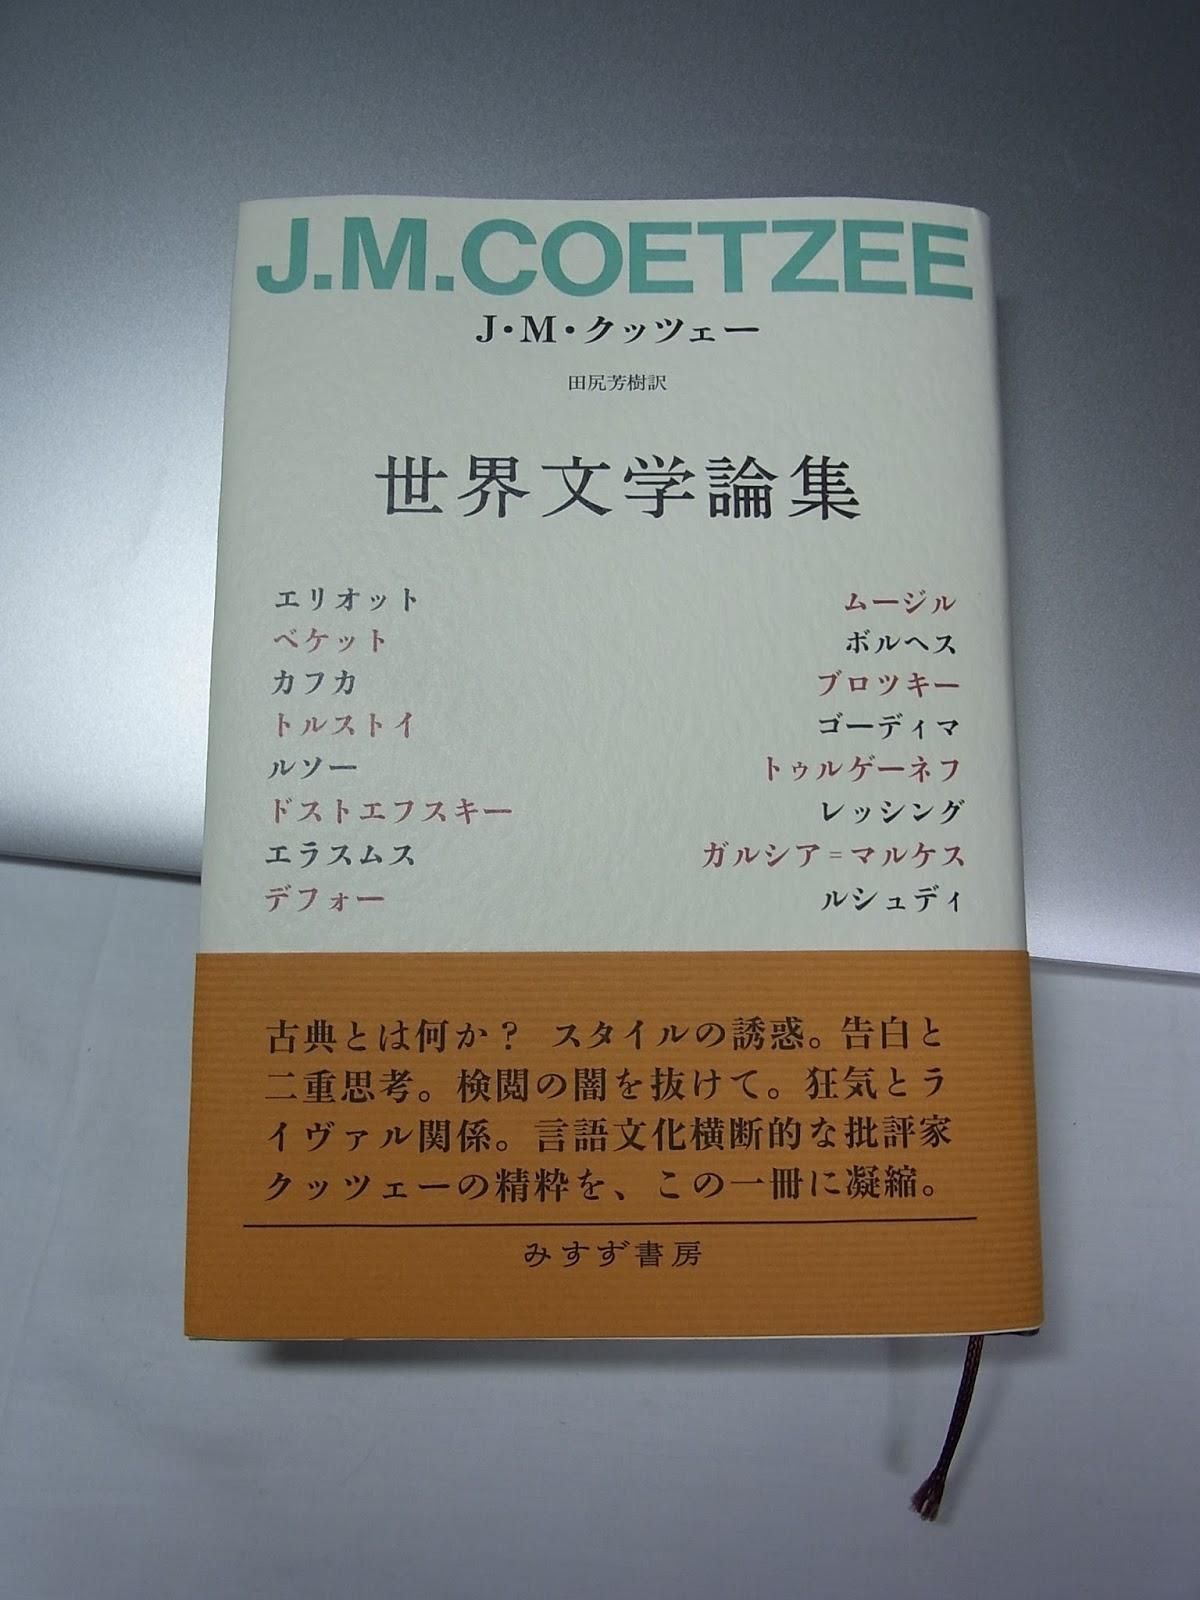 J・M・クッツェー